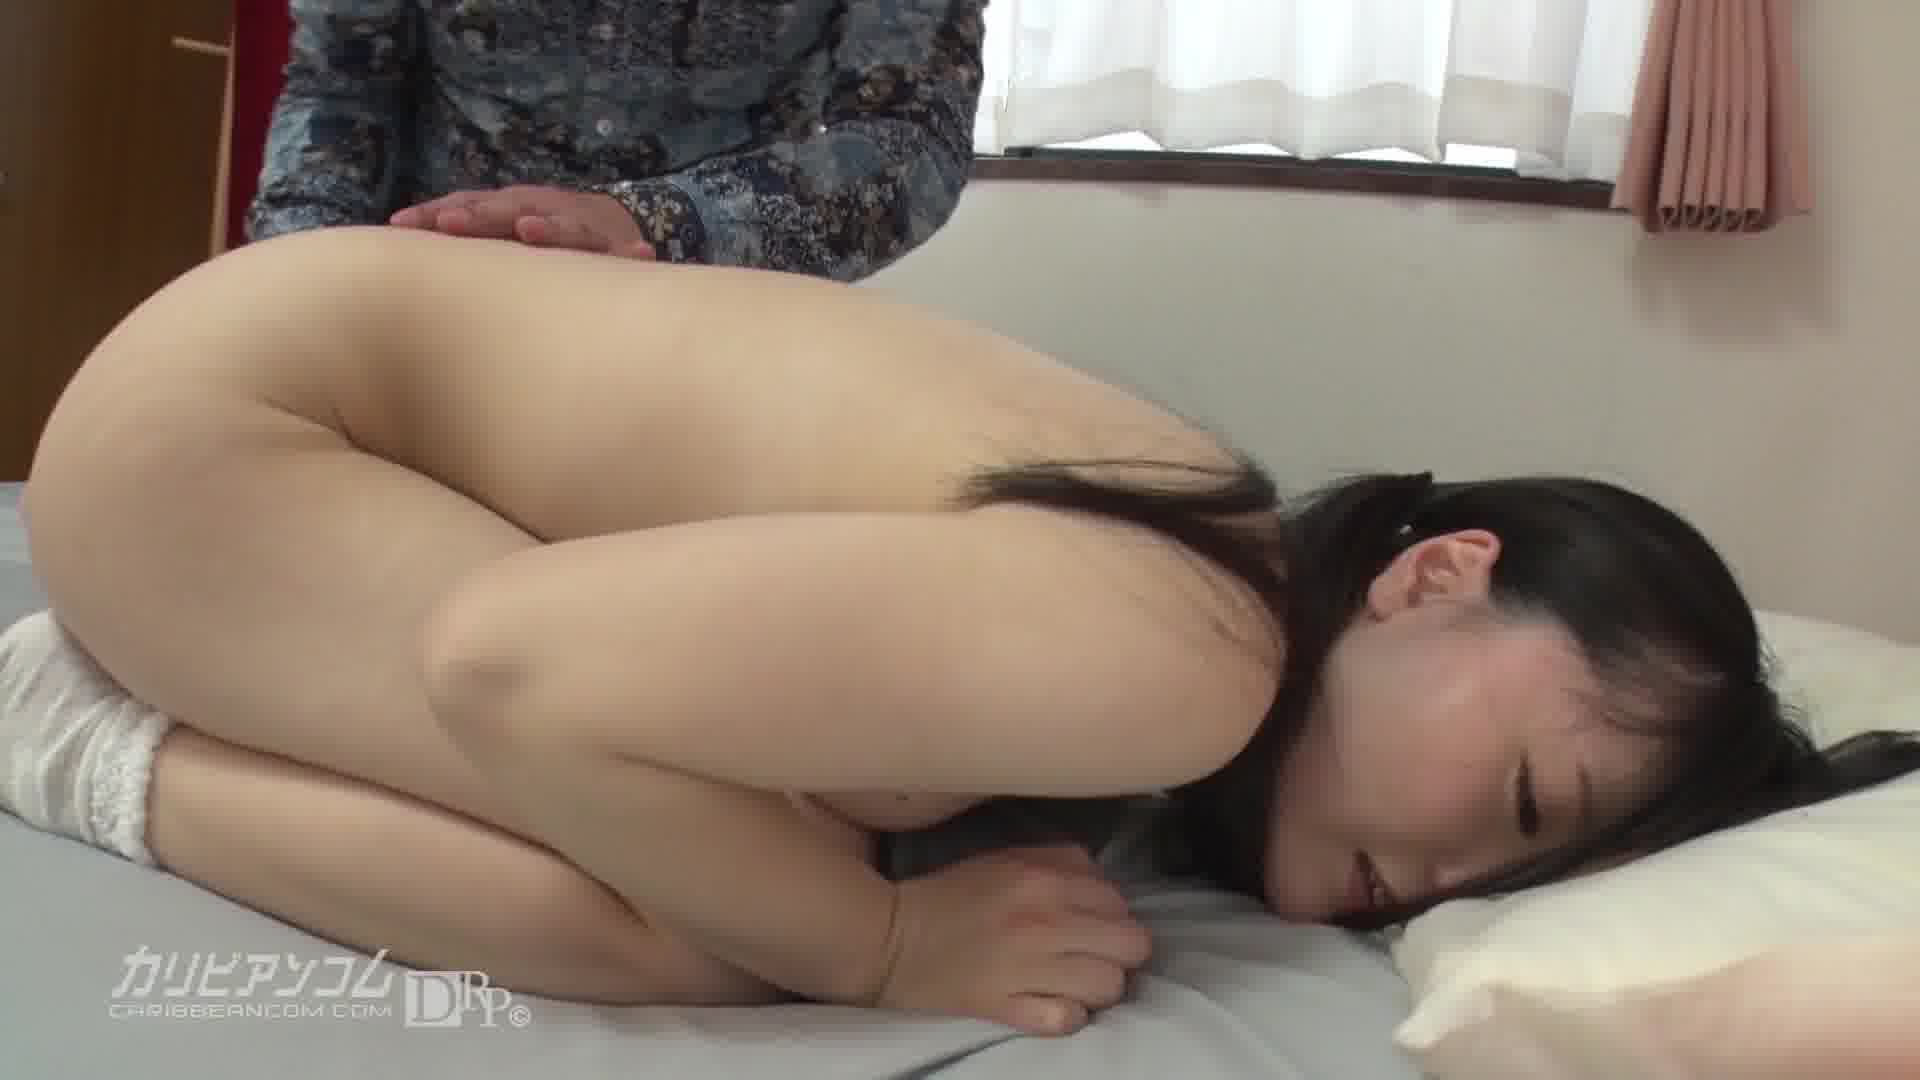 あまえんぼう Vol.30 - 青島かえで【オナニー・バイブ・中出し】